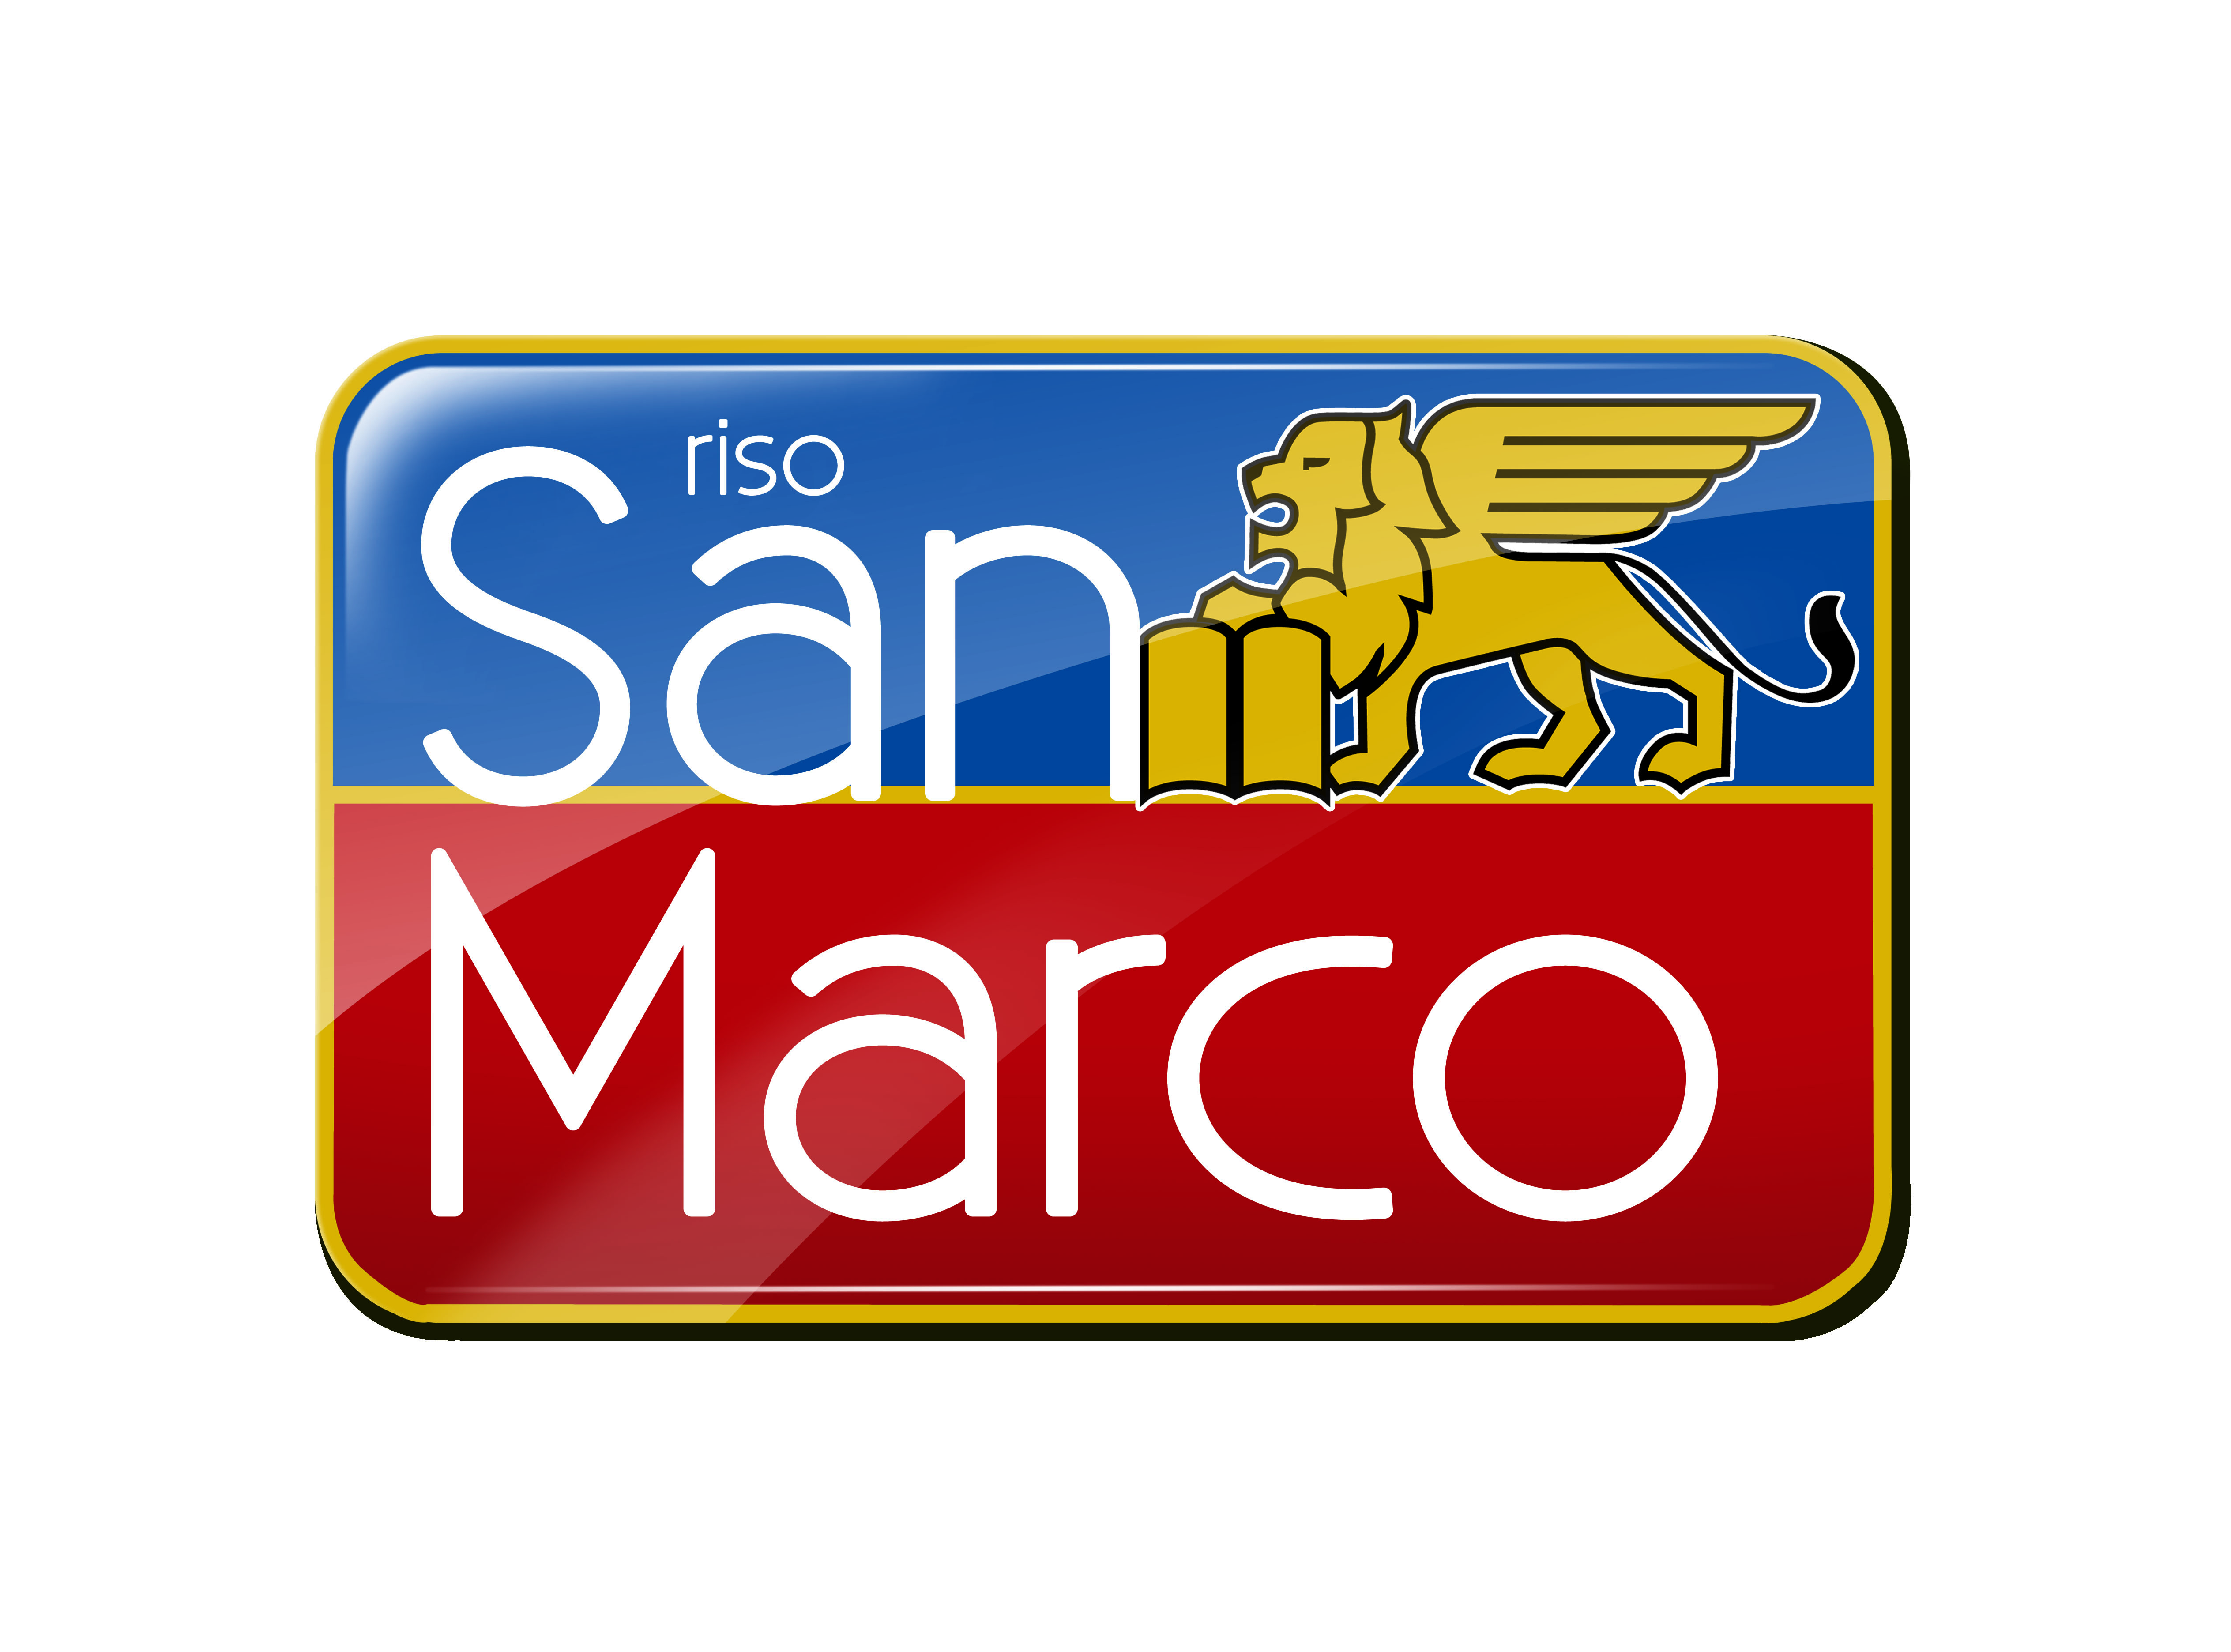 Riso San Marco 2010 settembre